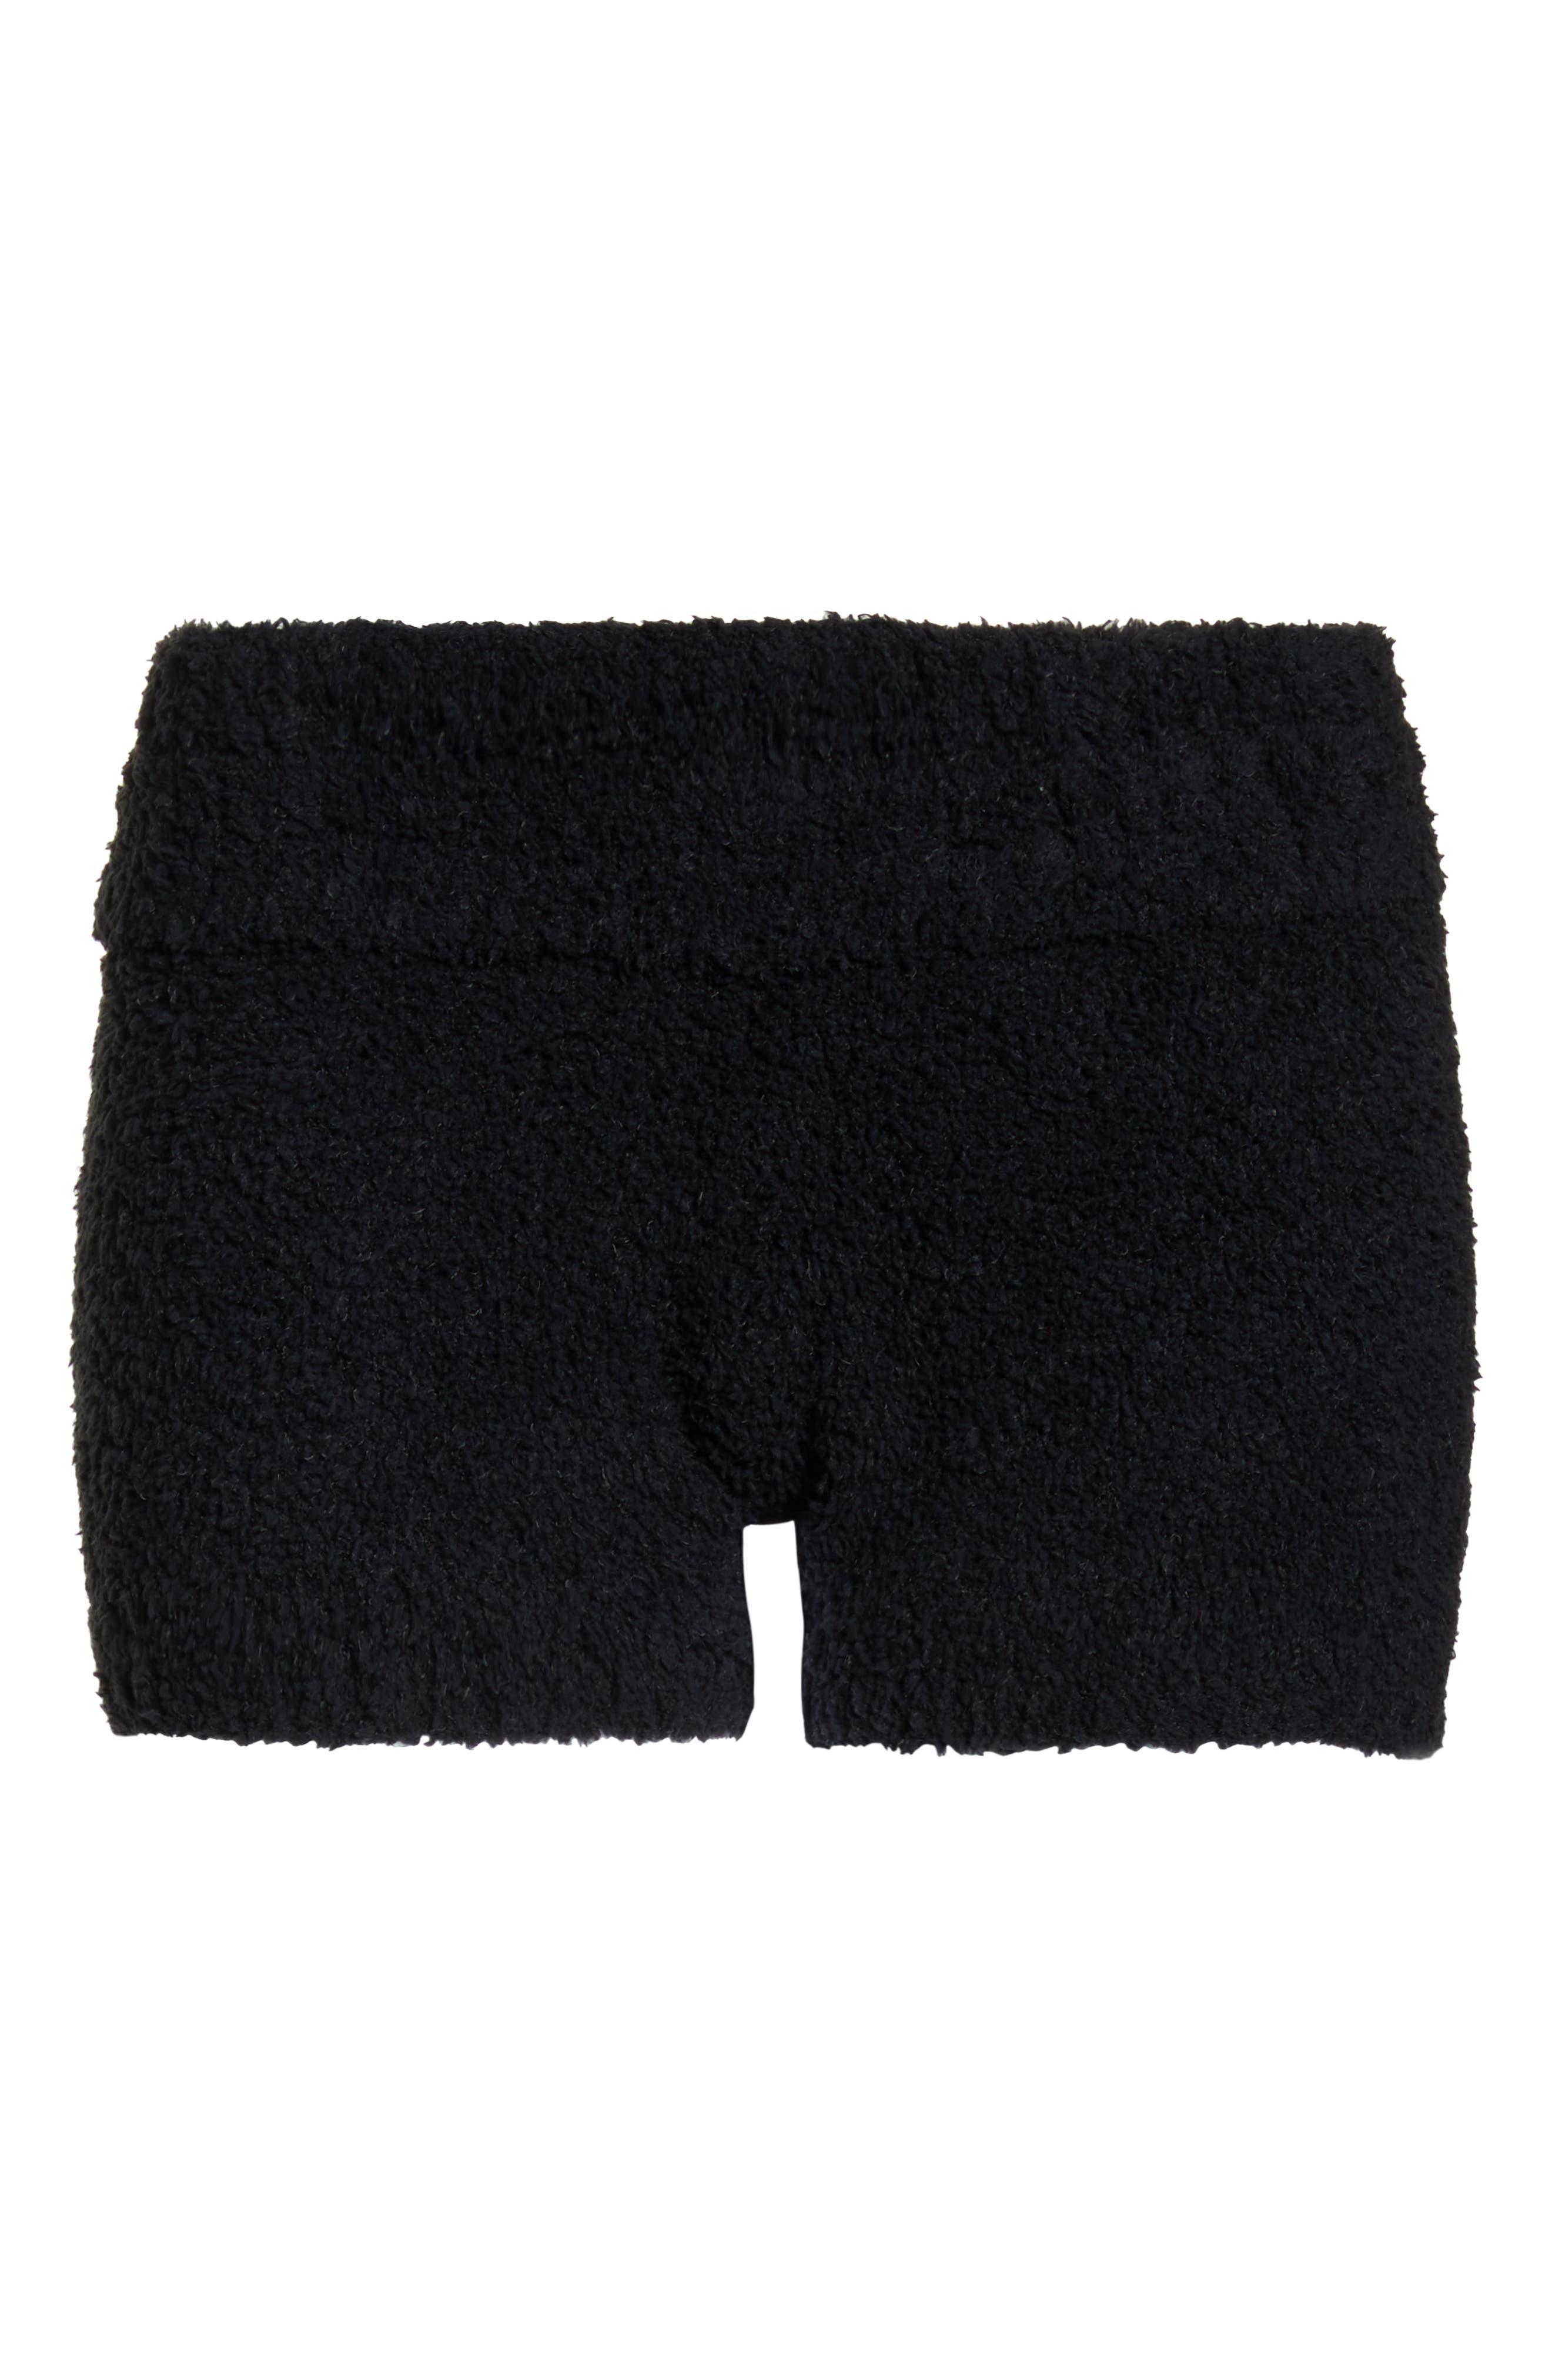 Shilo Shorts,                             Alternate thumbnail 6, color,                             BLACK